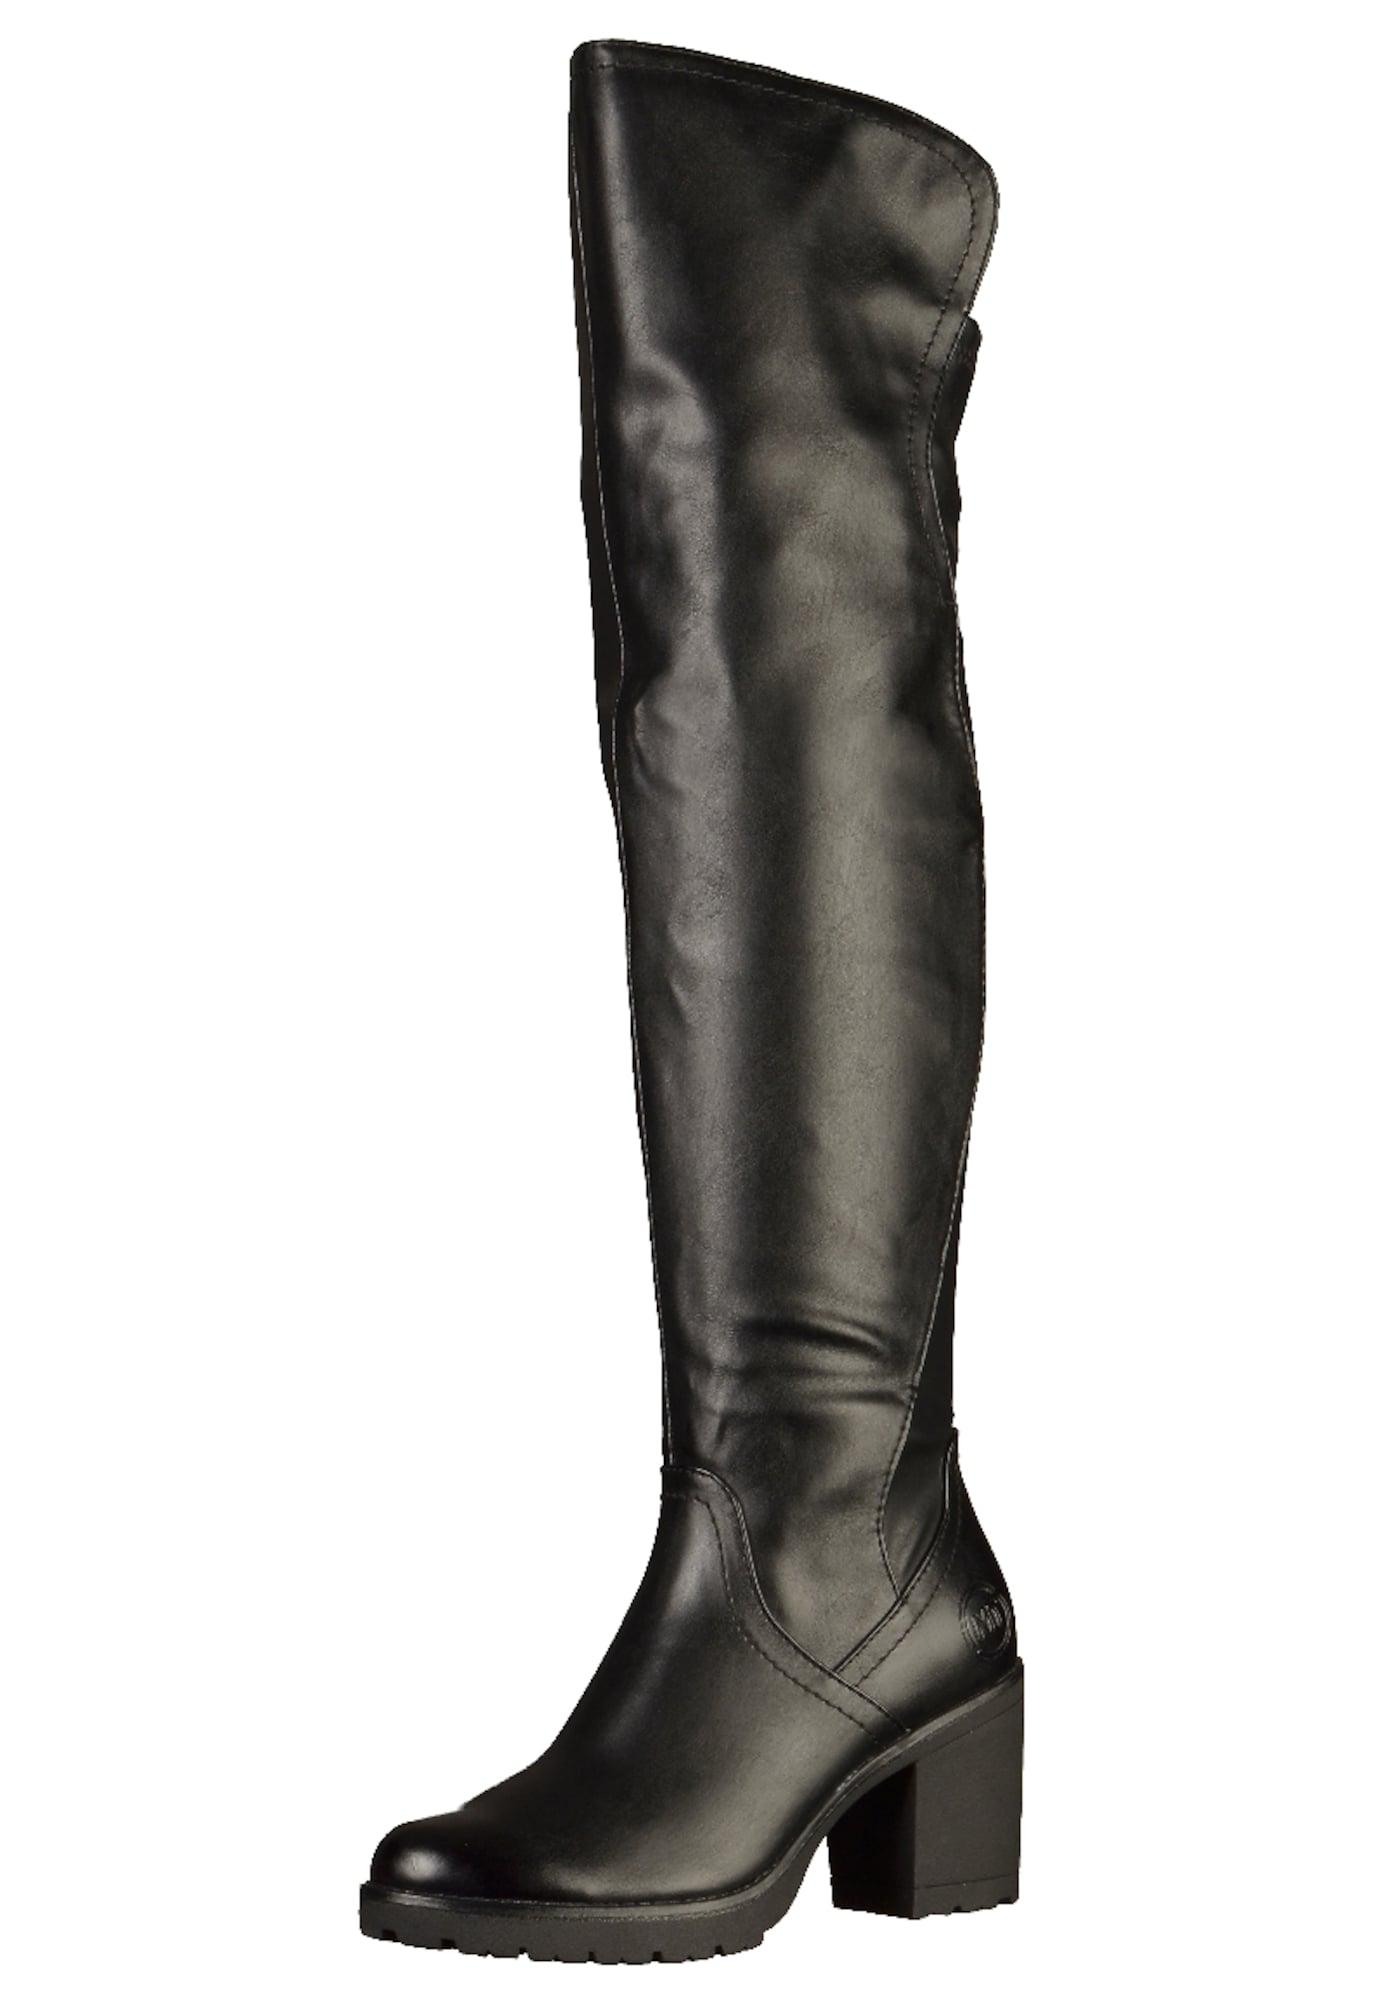 MARCO TOZZI, Dames Overknee laarzen, zwart